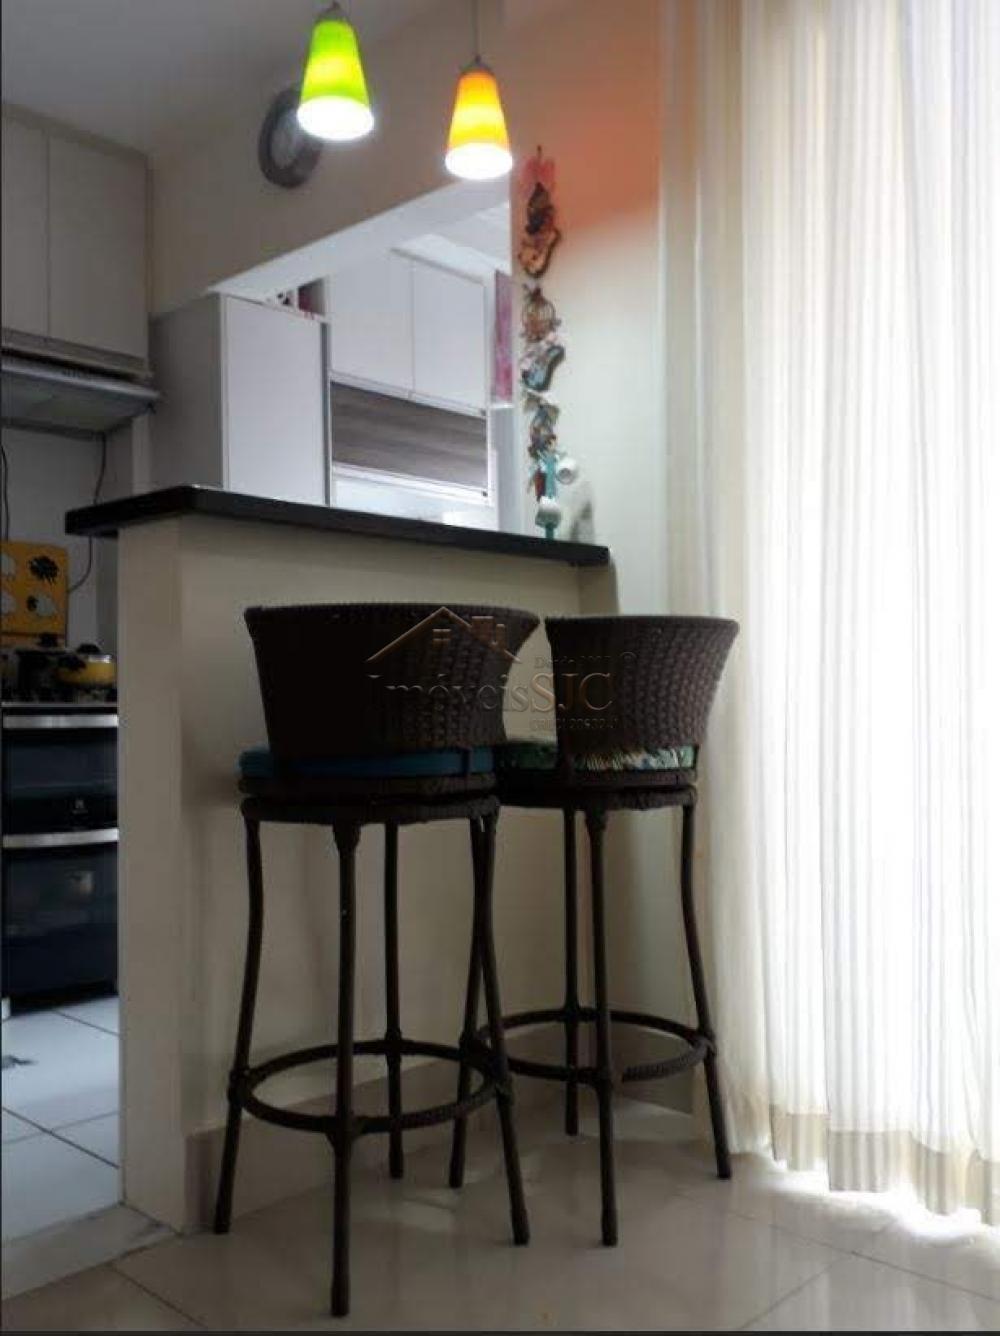 Comprar Apartamentos / Padrão em São José dos Campos apenas R$ 400.000,00 - Foto 3